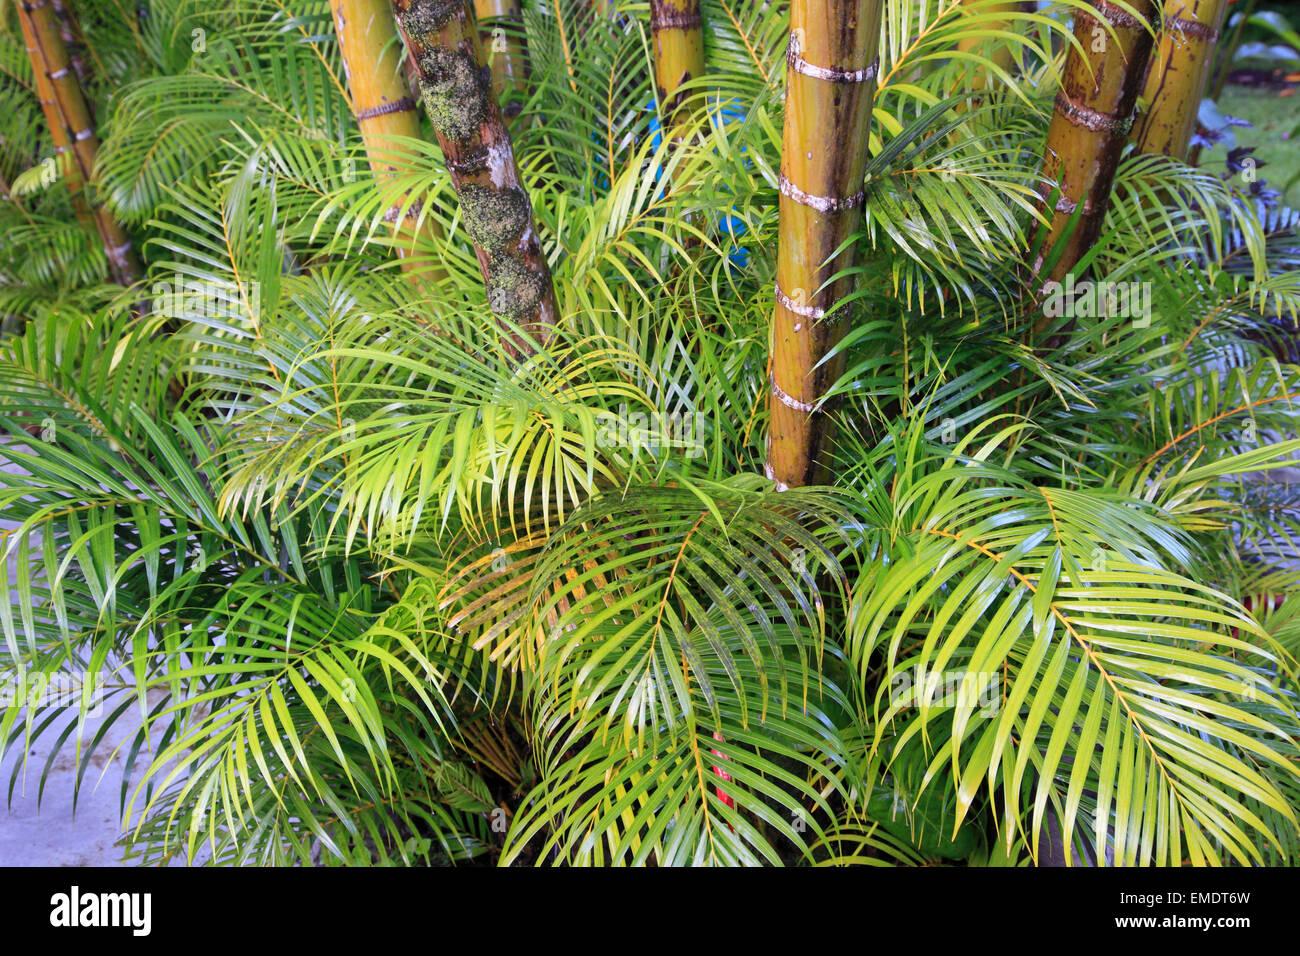 Hawaii, Big Island, Hilo, garden, bamboo, - Stock Image